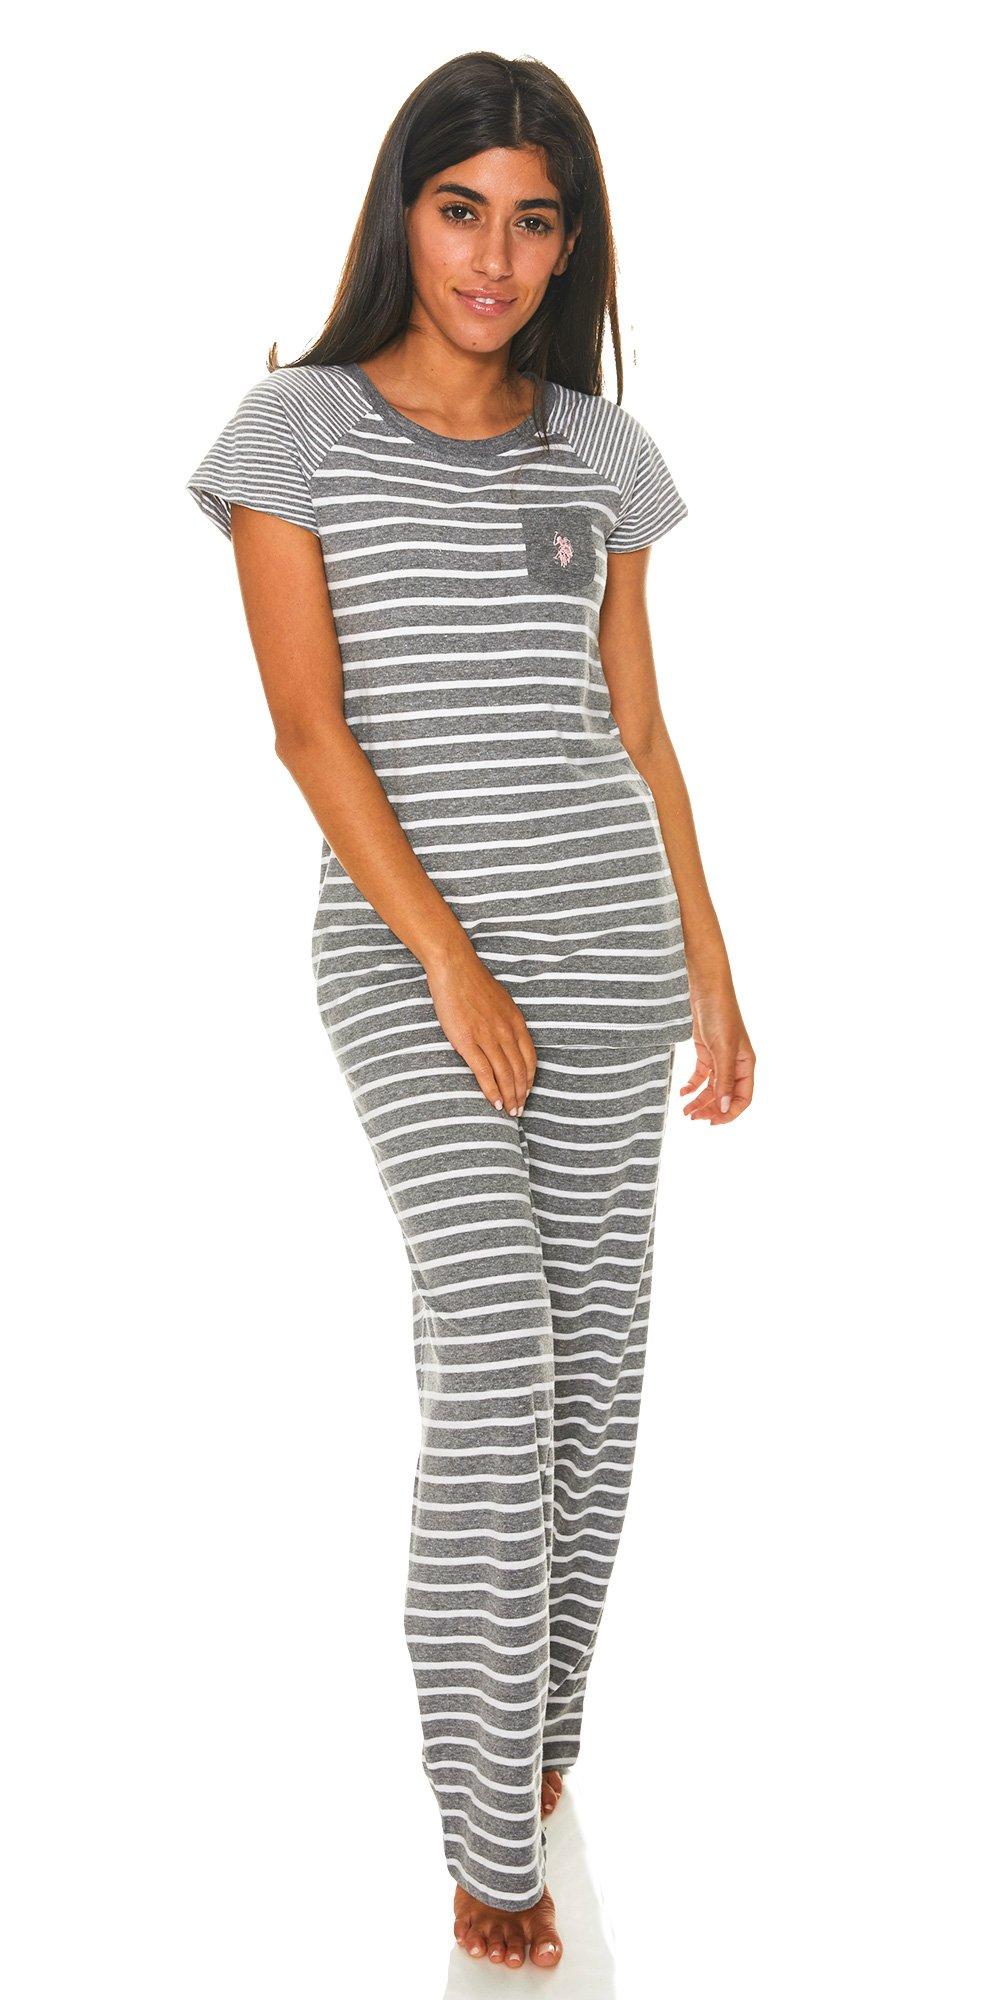 U.S. Polo Assn.. Womens 2 Piece T-Shirt Lounge Pants Pajama Sleepwear Set Charcoal Heather Large